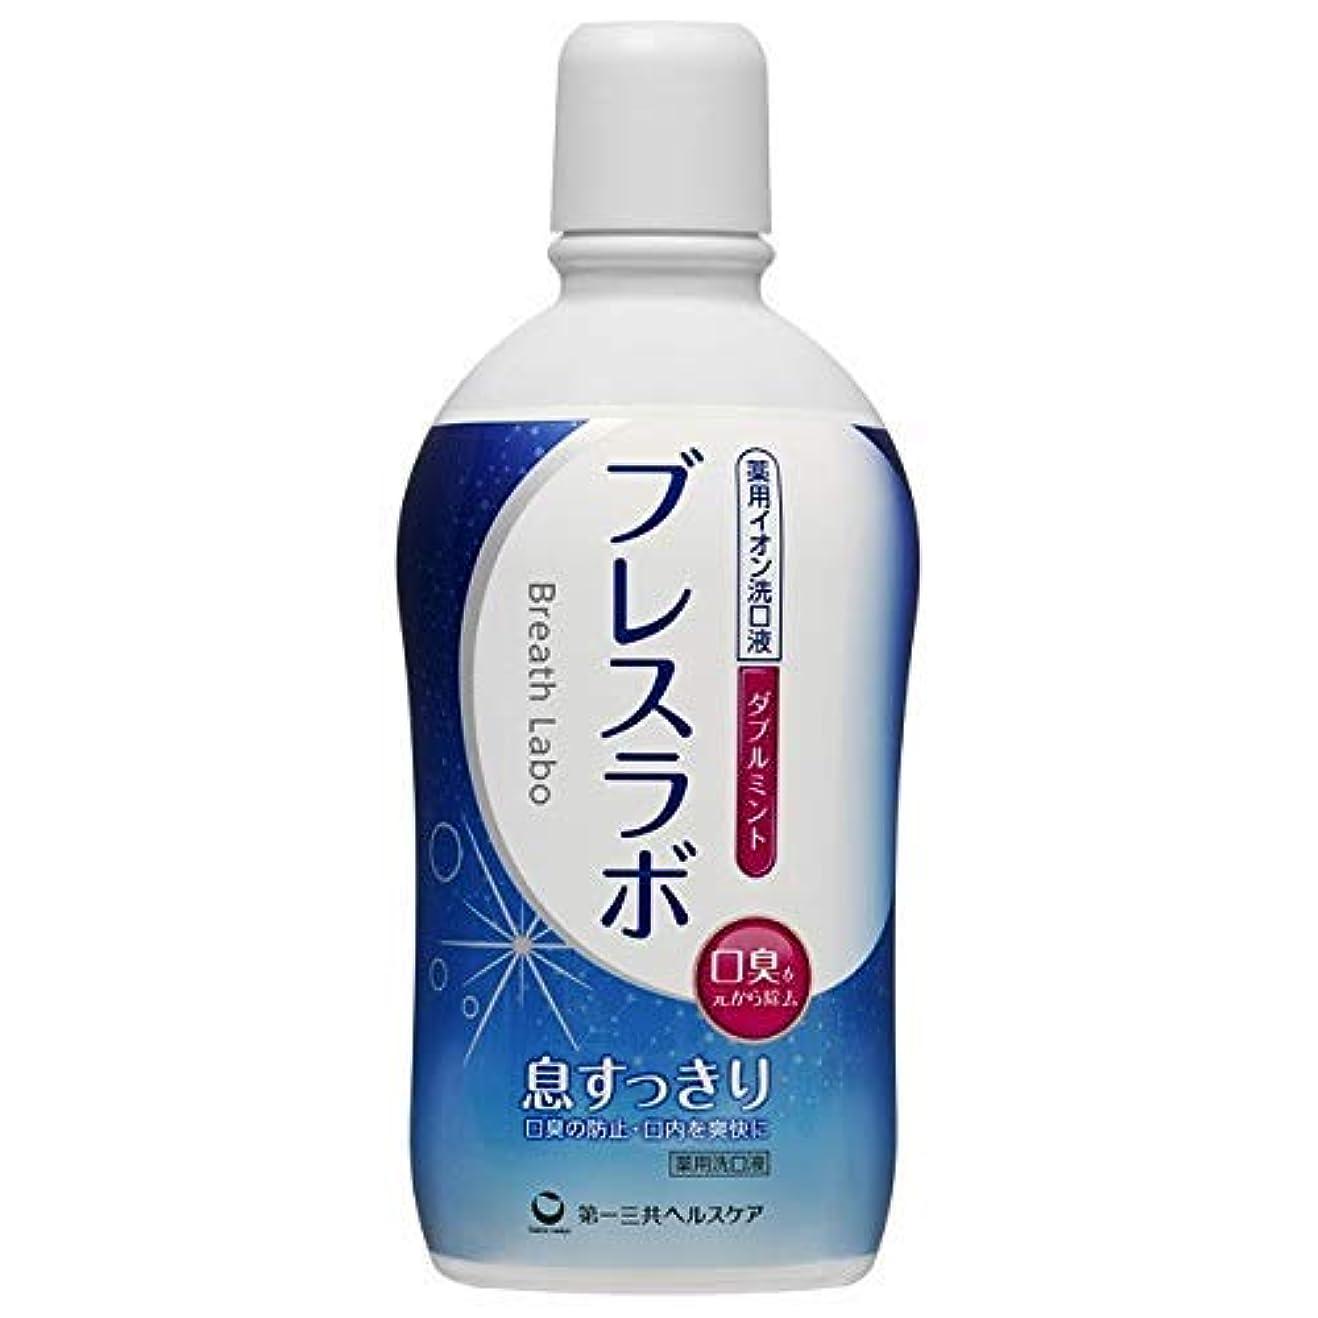 ピラミッドレインコート大理石第一三共ヘルスケア 薬用イオン洗口液 ブレスラボ マウスウォッシュ ダブルミント 単品 450mL